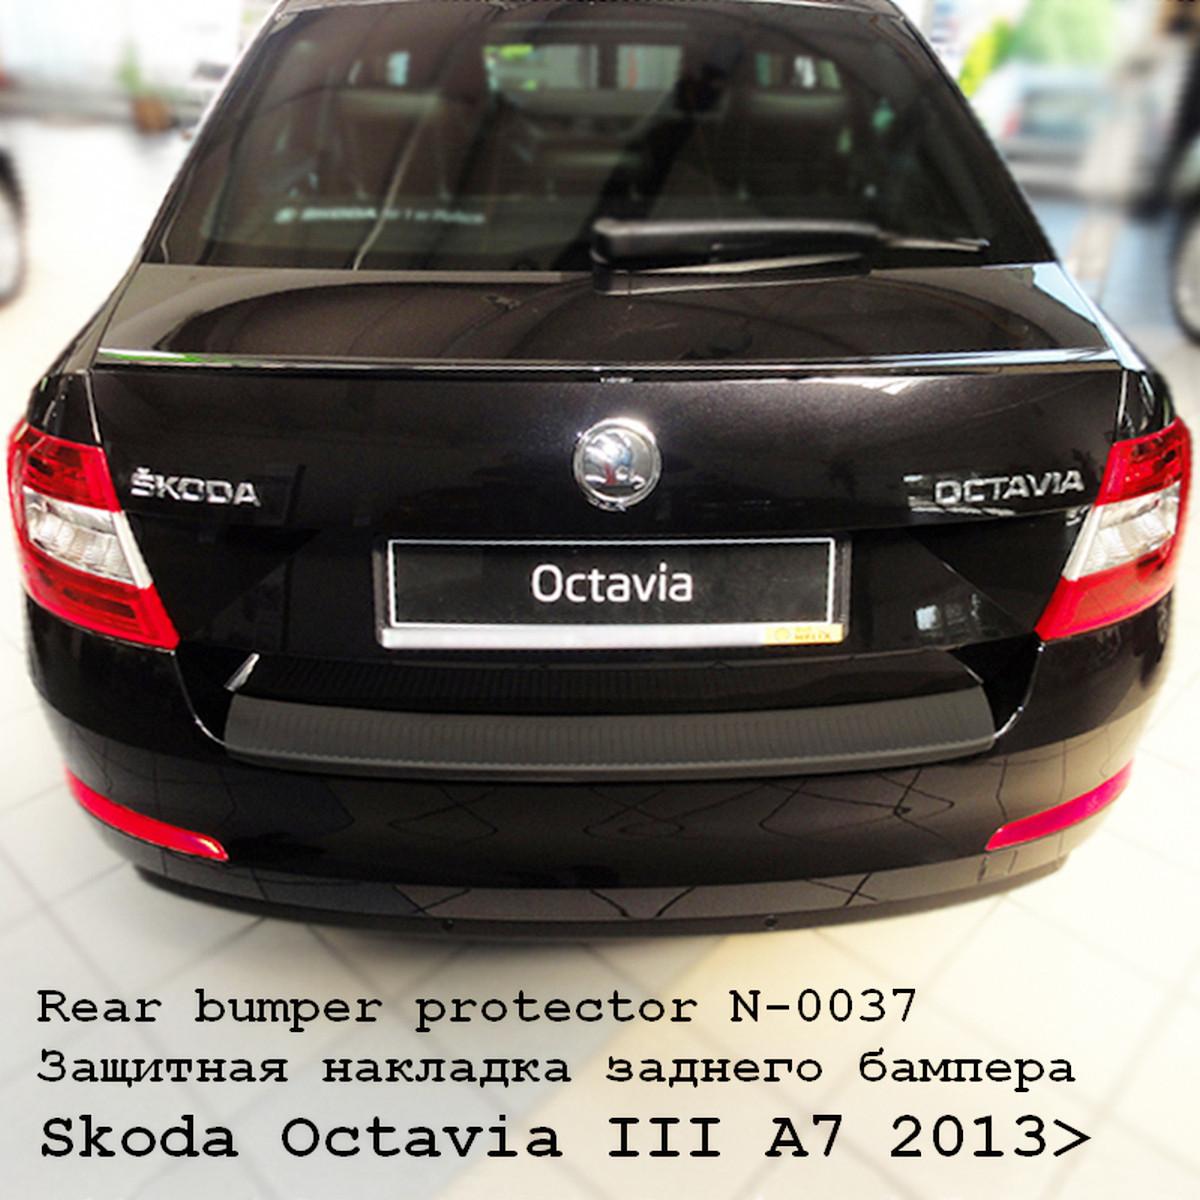 Skoda Octavia III A7 2013> пластиковая накладка заднего бампера